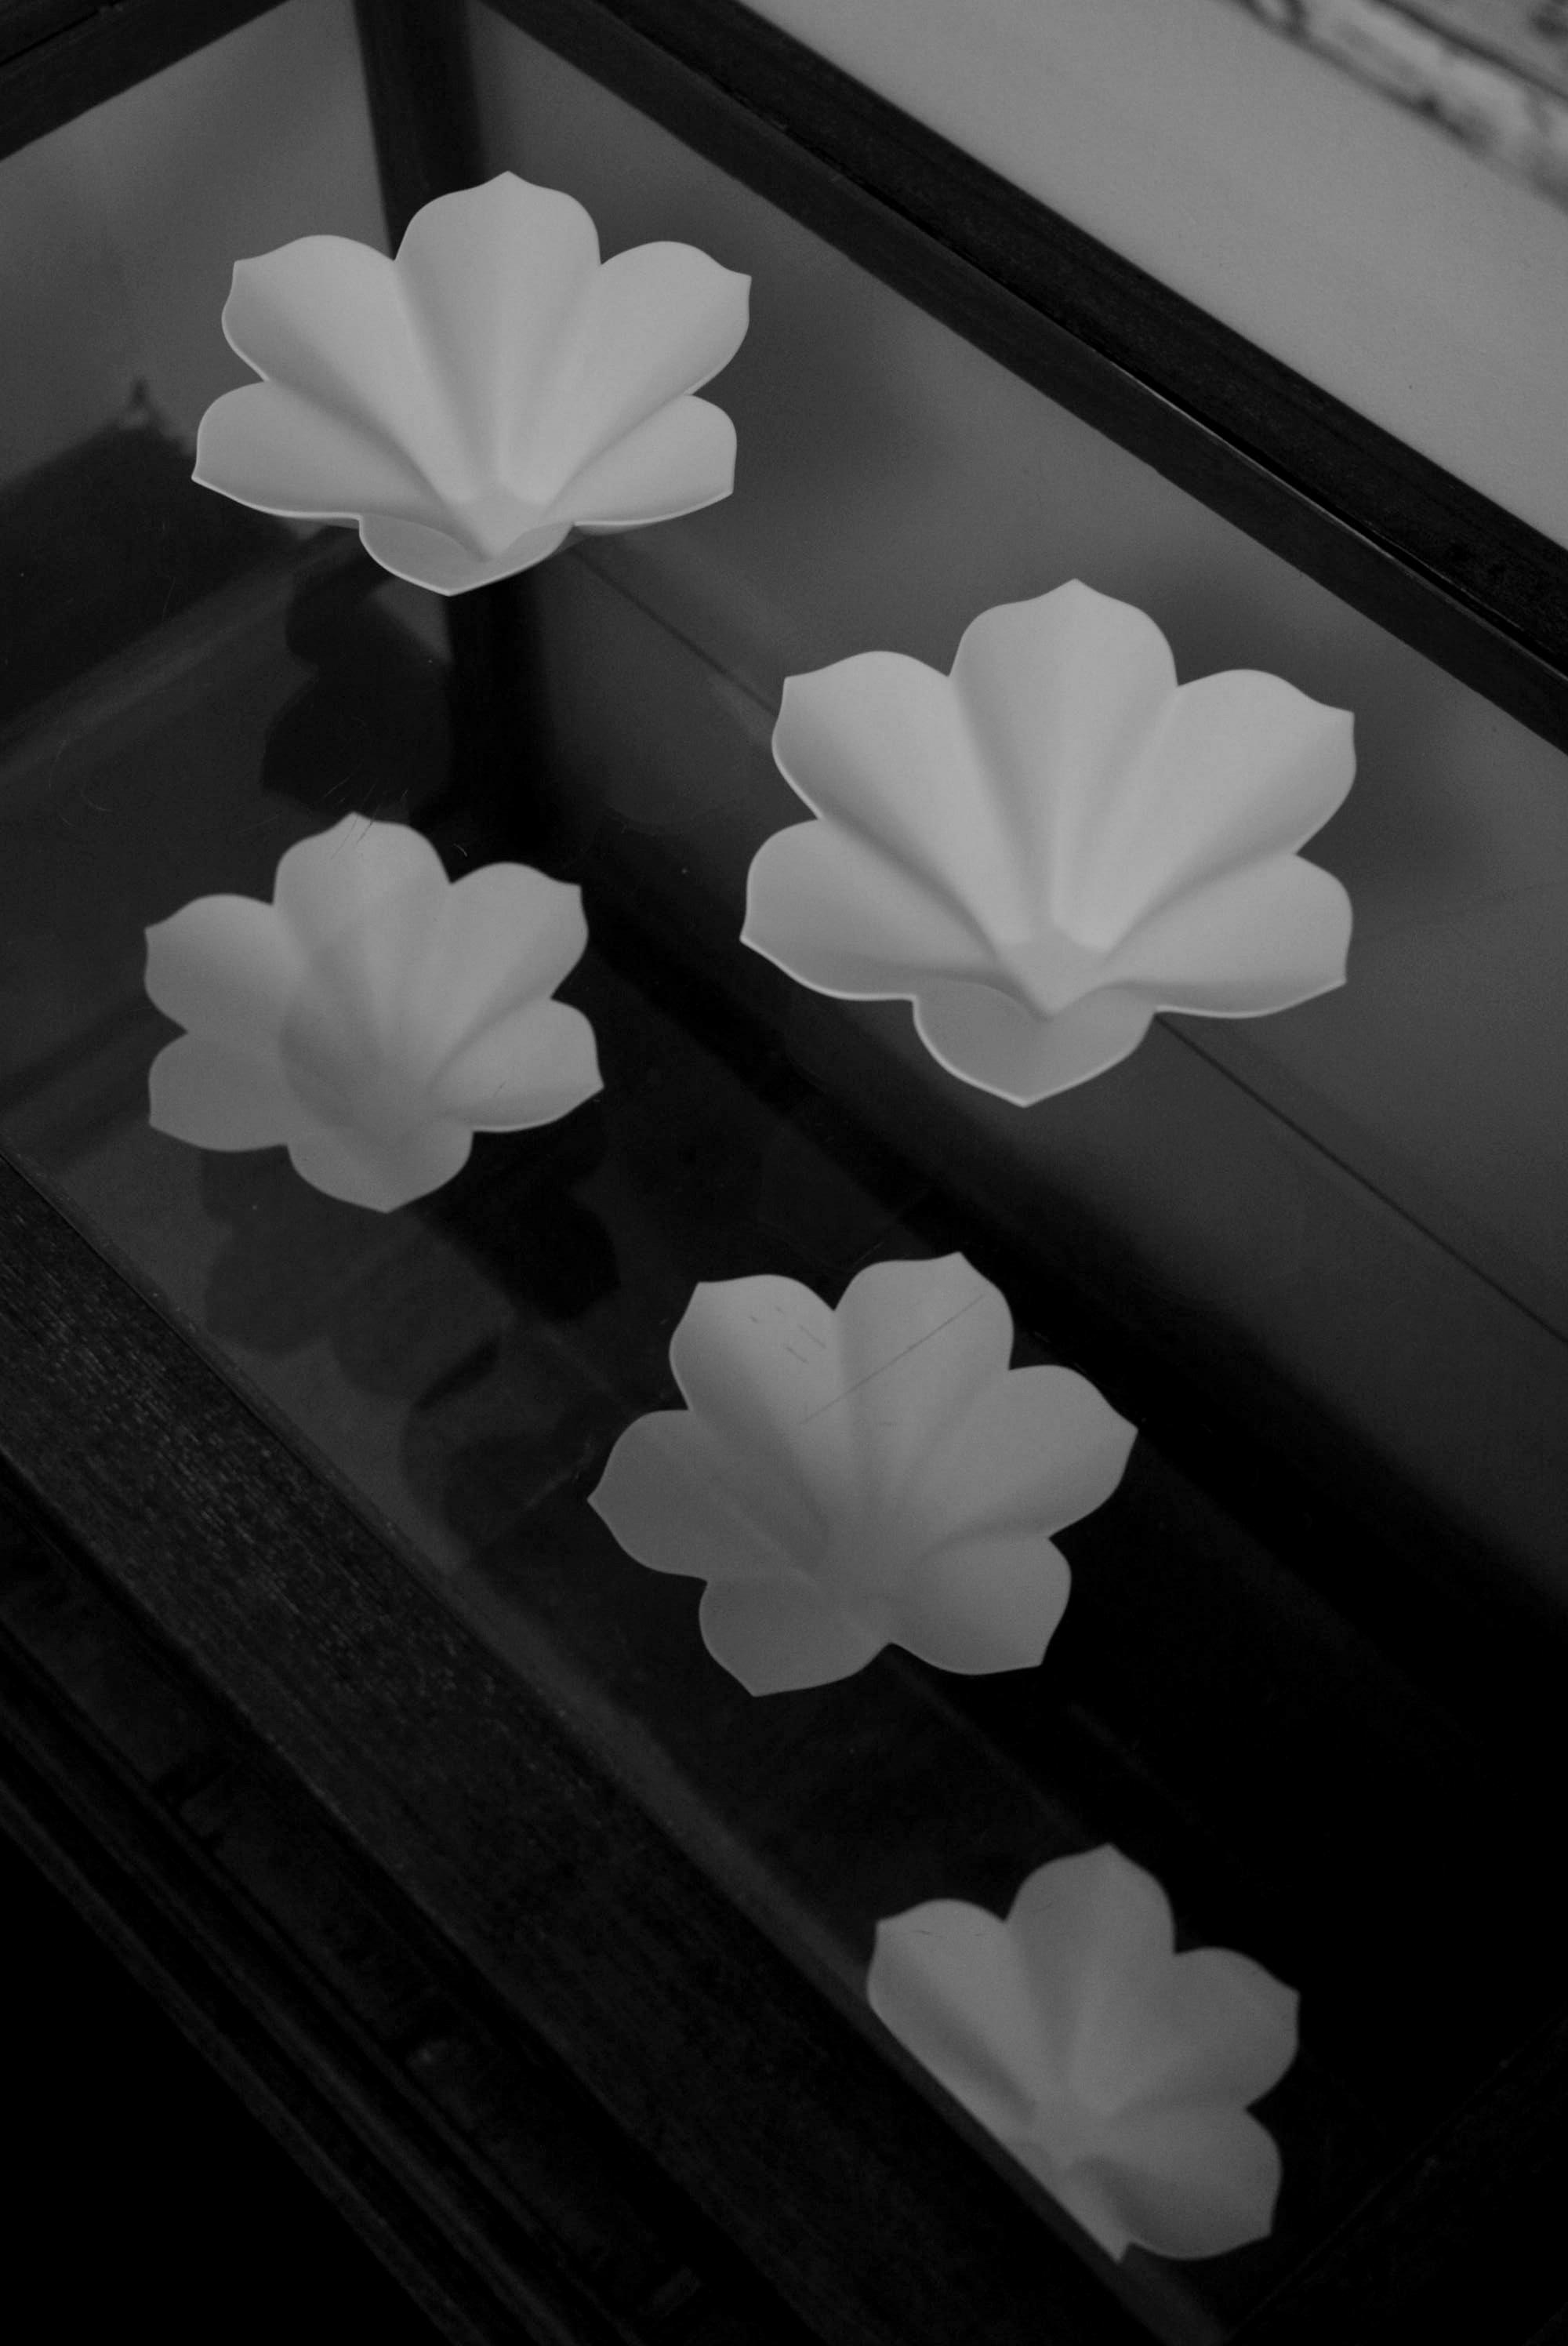 「若杉聖子展 PORCELIAN LOTUS」7日目-3_d0087761_19532834.jpg